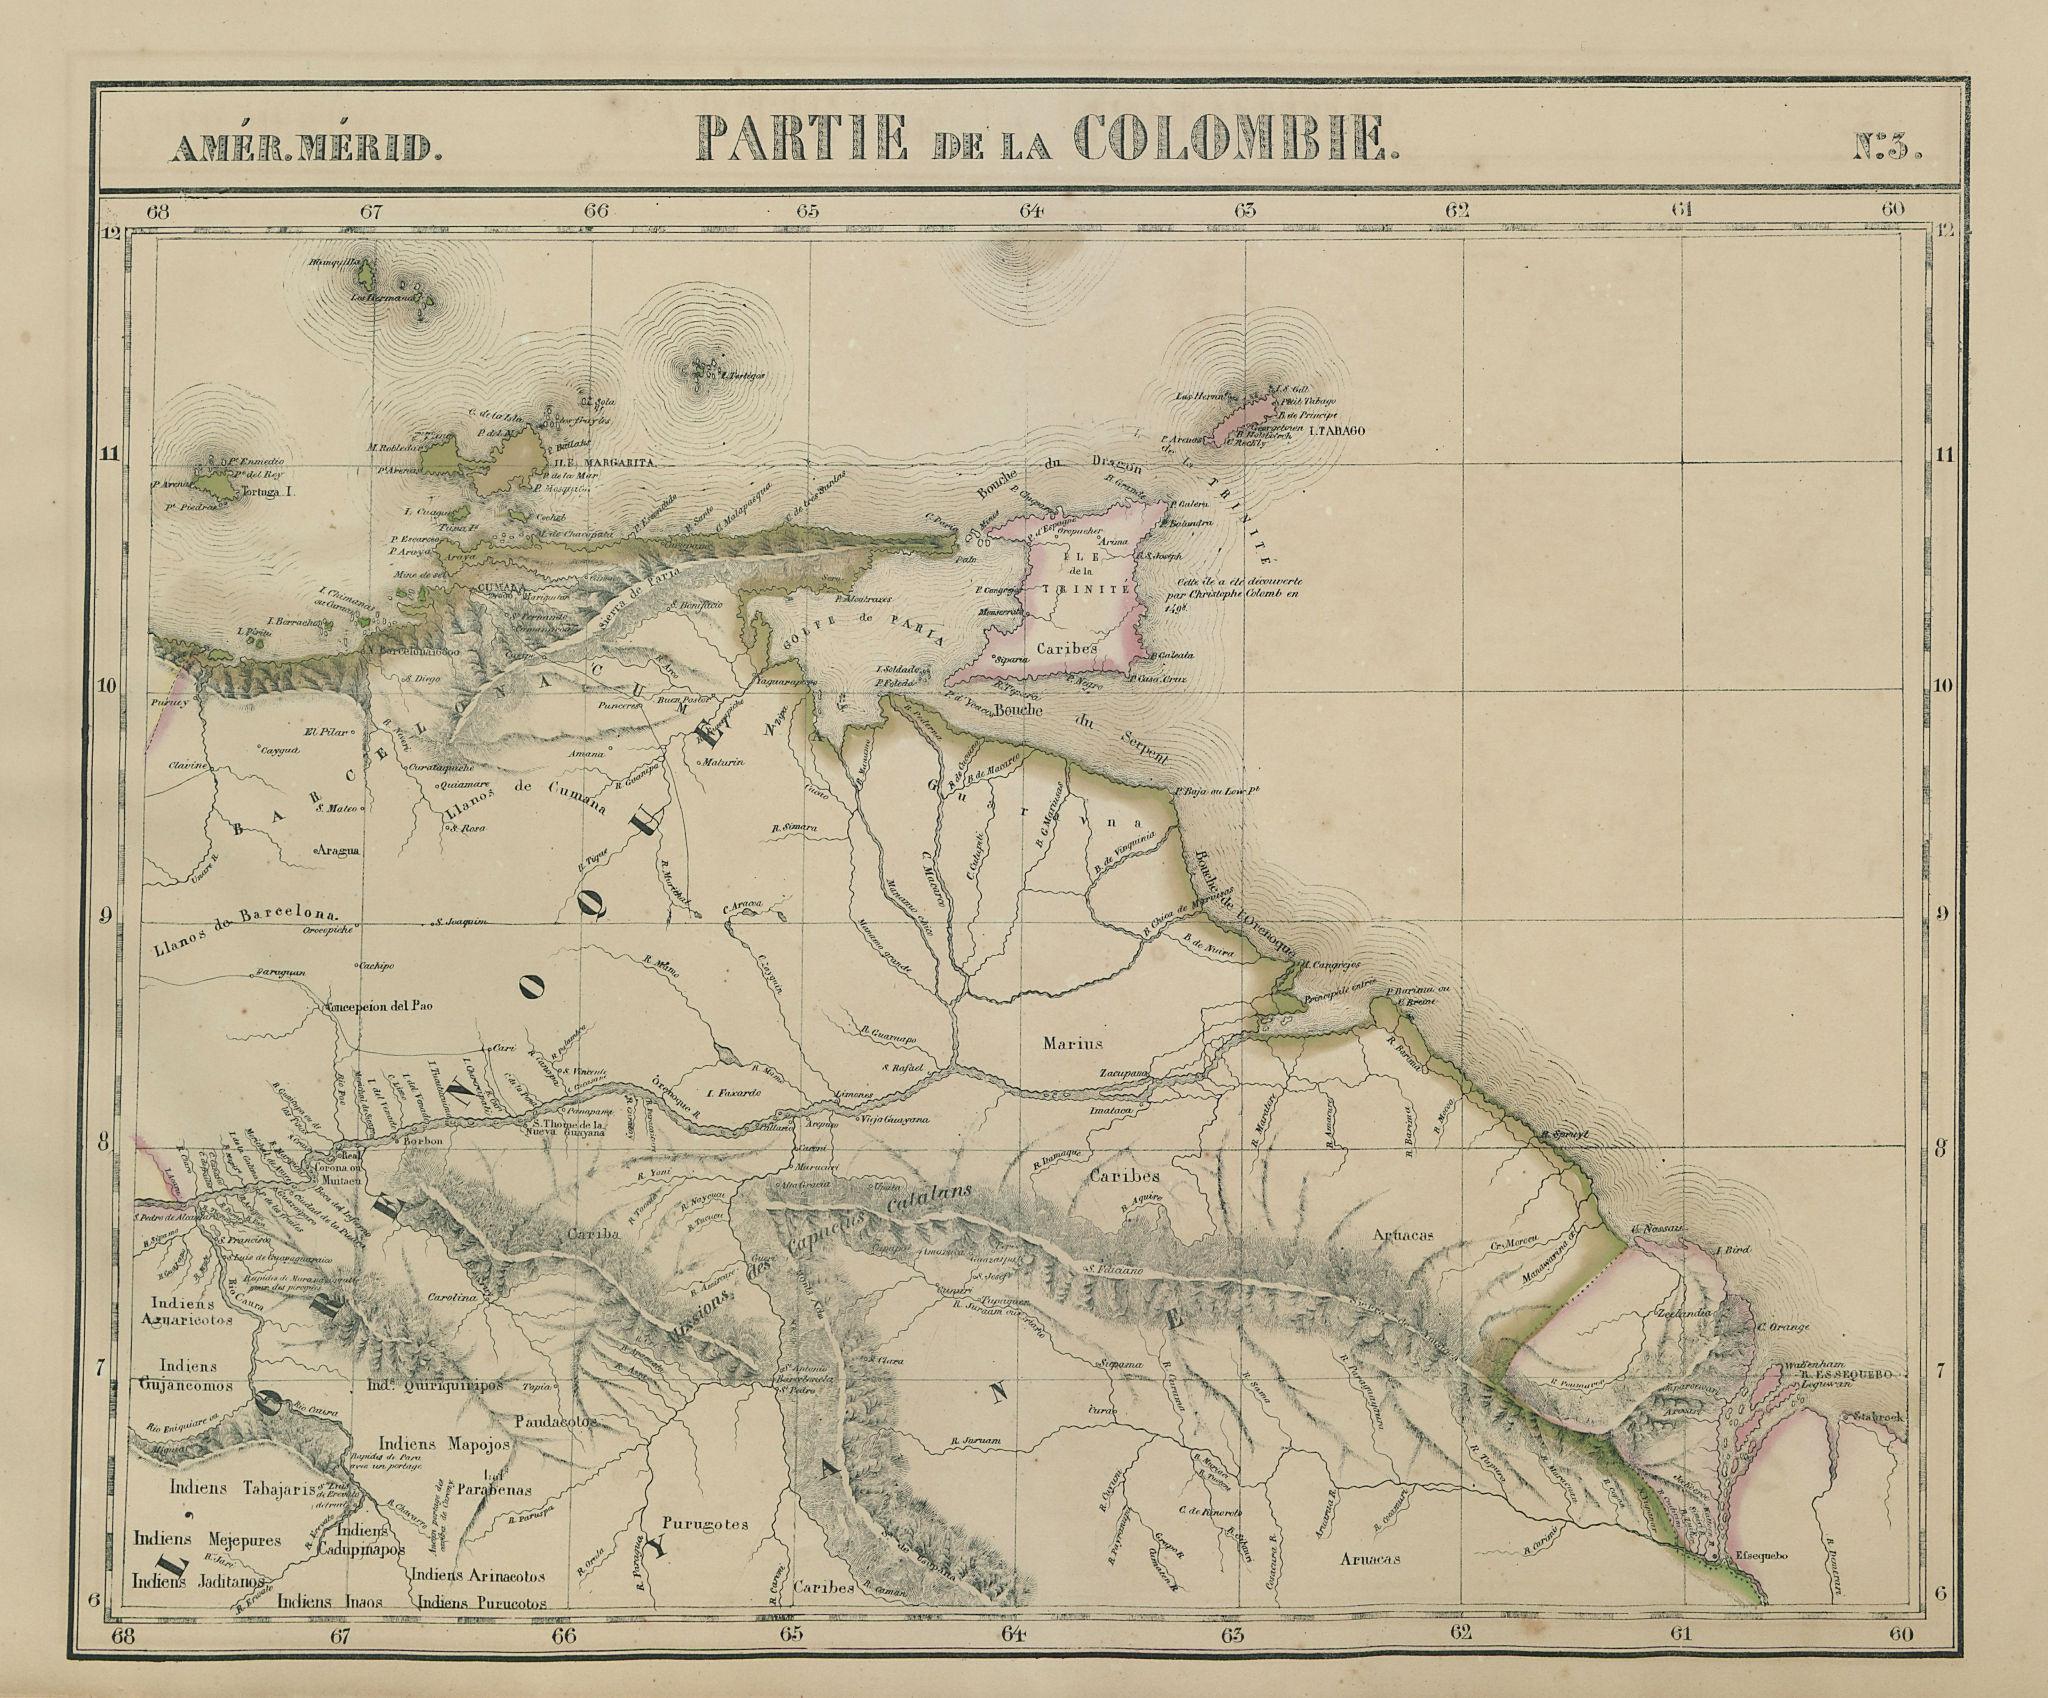 Amér. Mér. Colombie #3. Venezuela Guyana Trinidad & Tobago VANDERMAELEN 1827 map